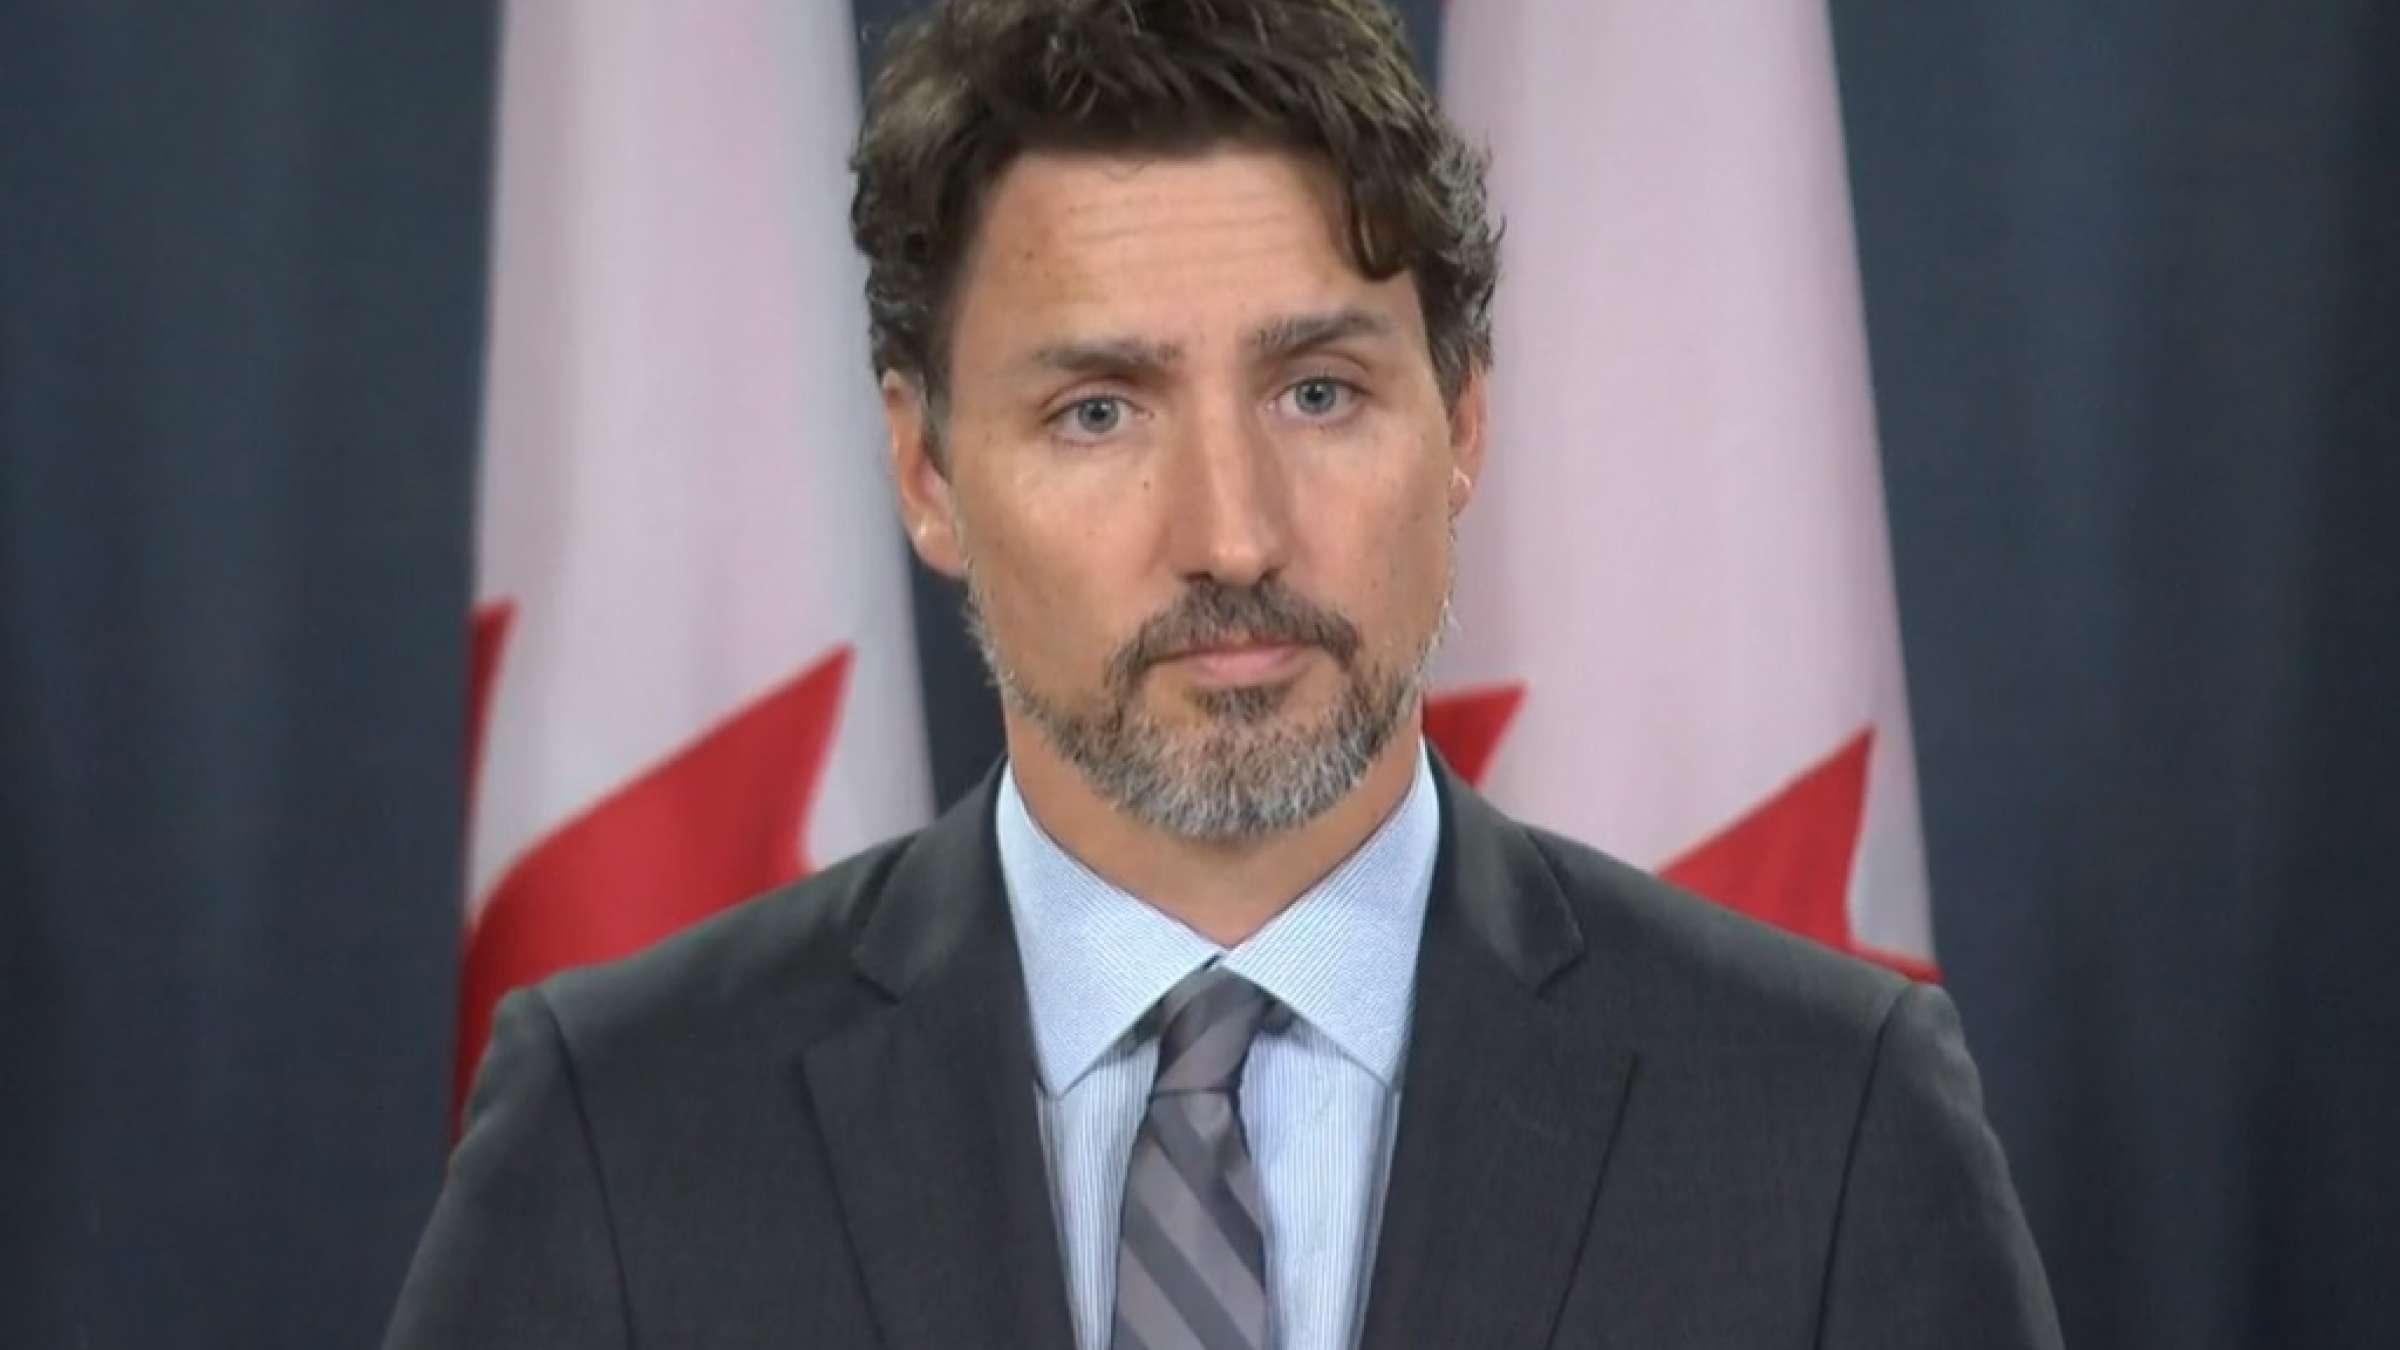 اخبار-کانادا-جزئیات-صحبت-تلفنی-ترودو-و-روحانی-و-سخنرانی-ترودو-پس-از-آن